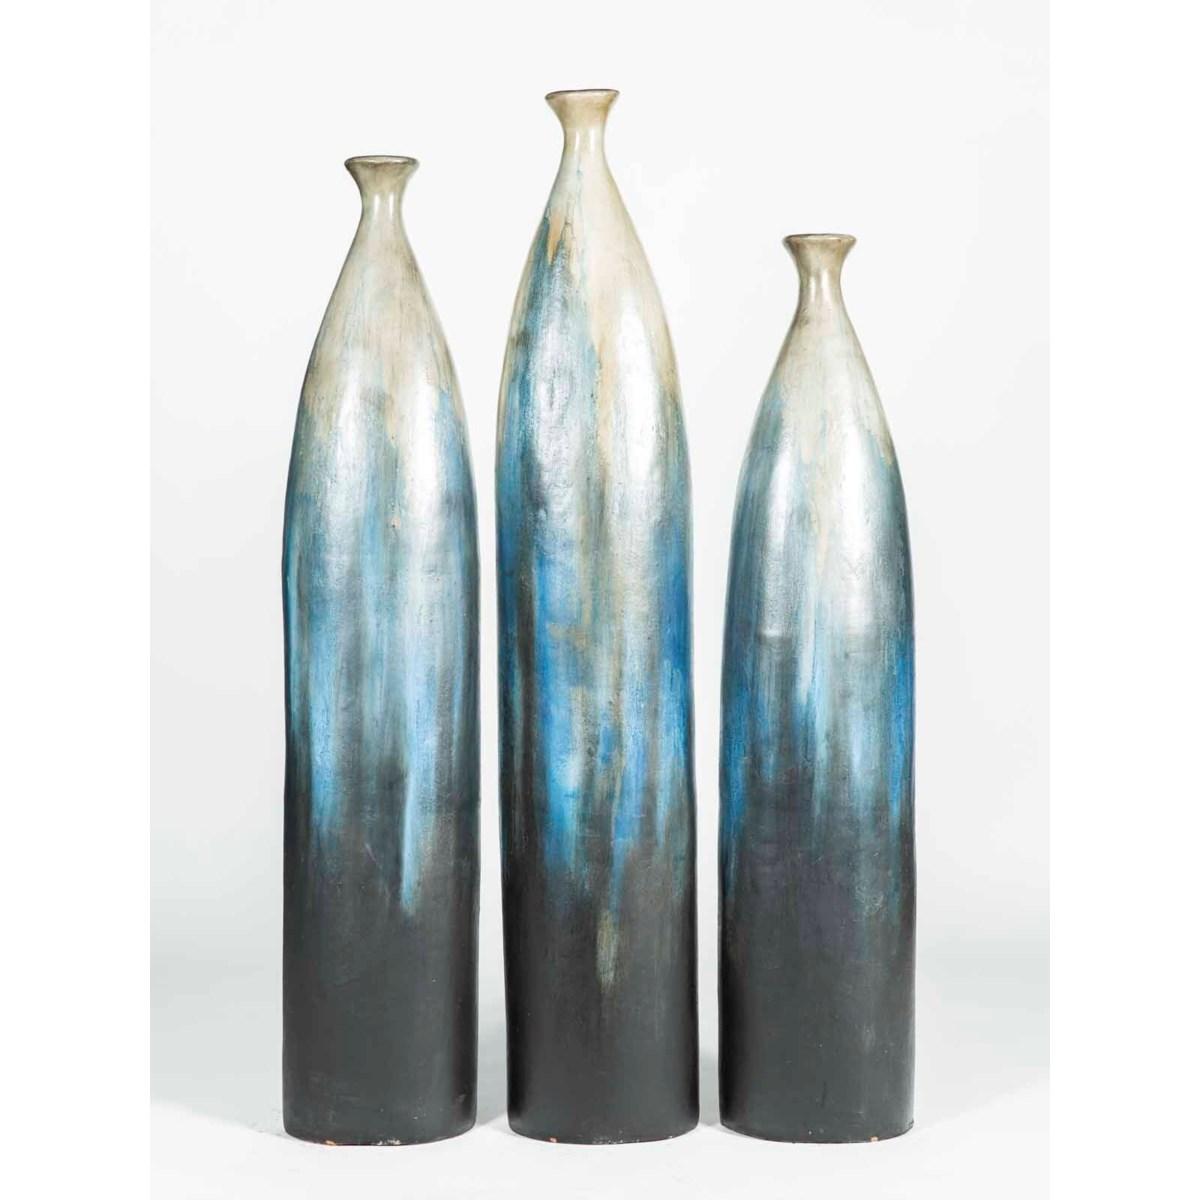 Set of 3 Floor Bottles in Overseas Finish